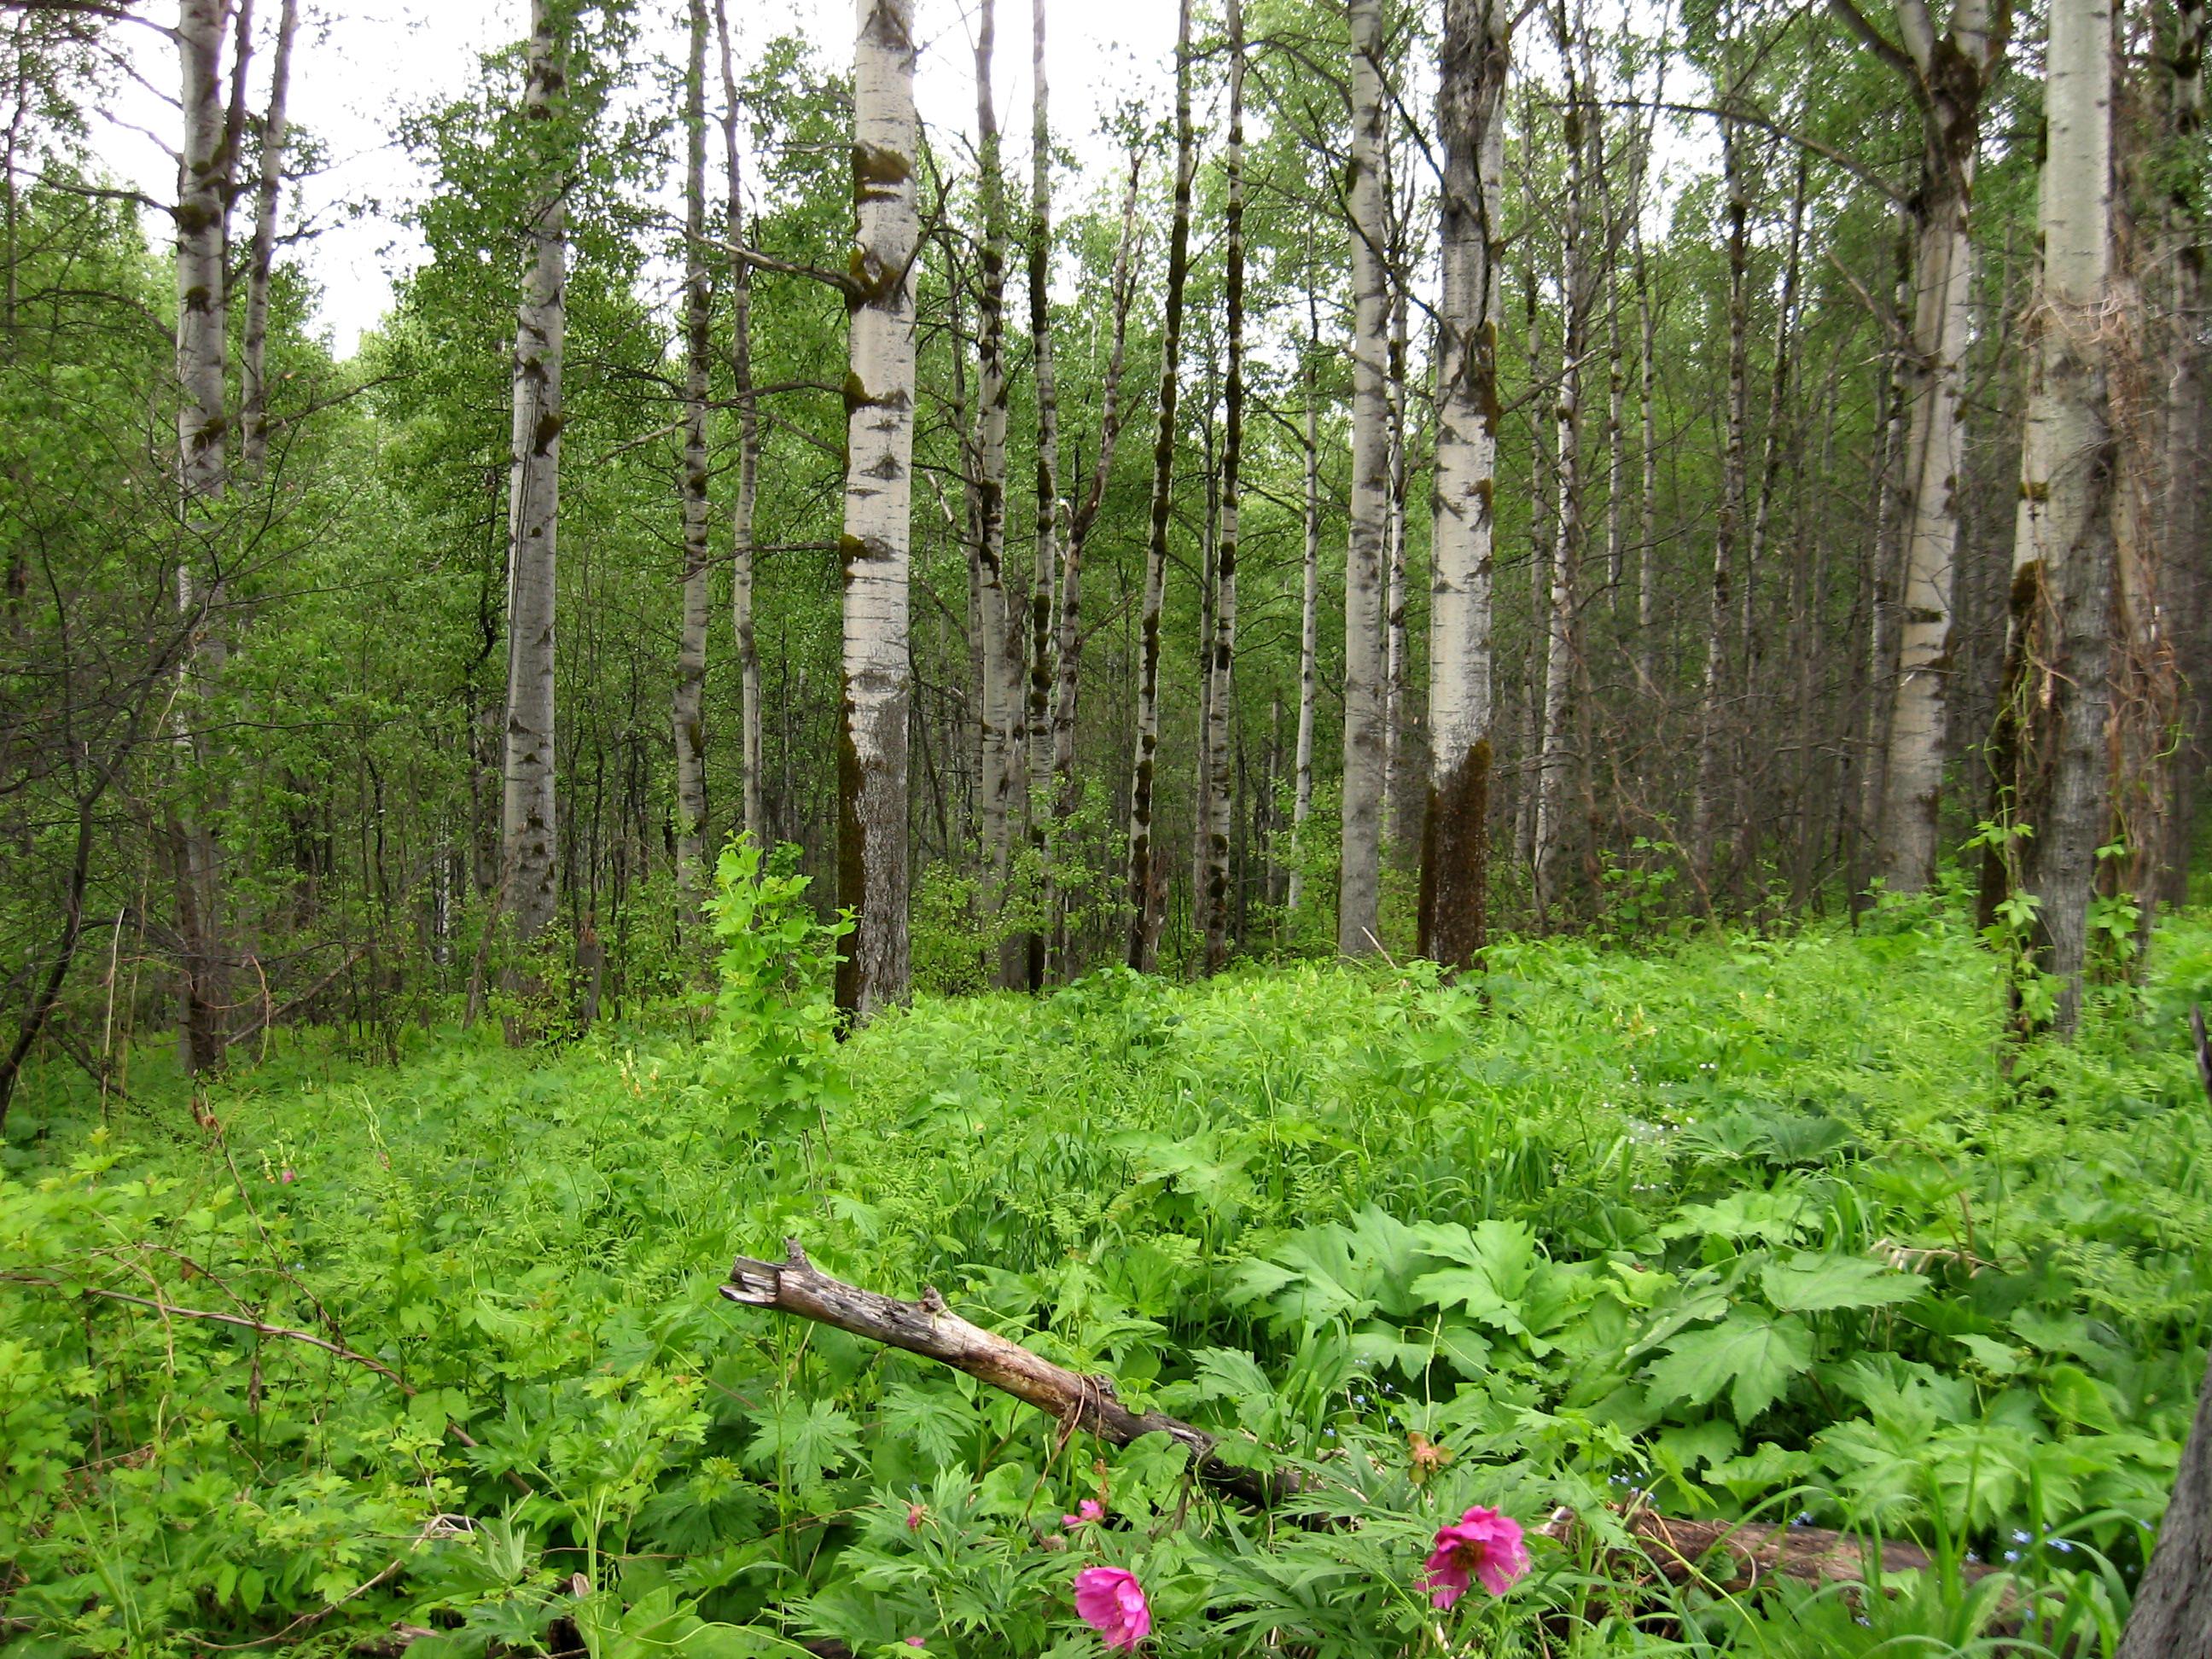 растительность нижегородской области фото бронемашин выступает